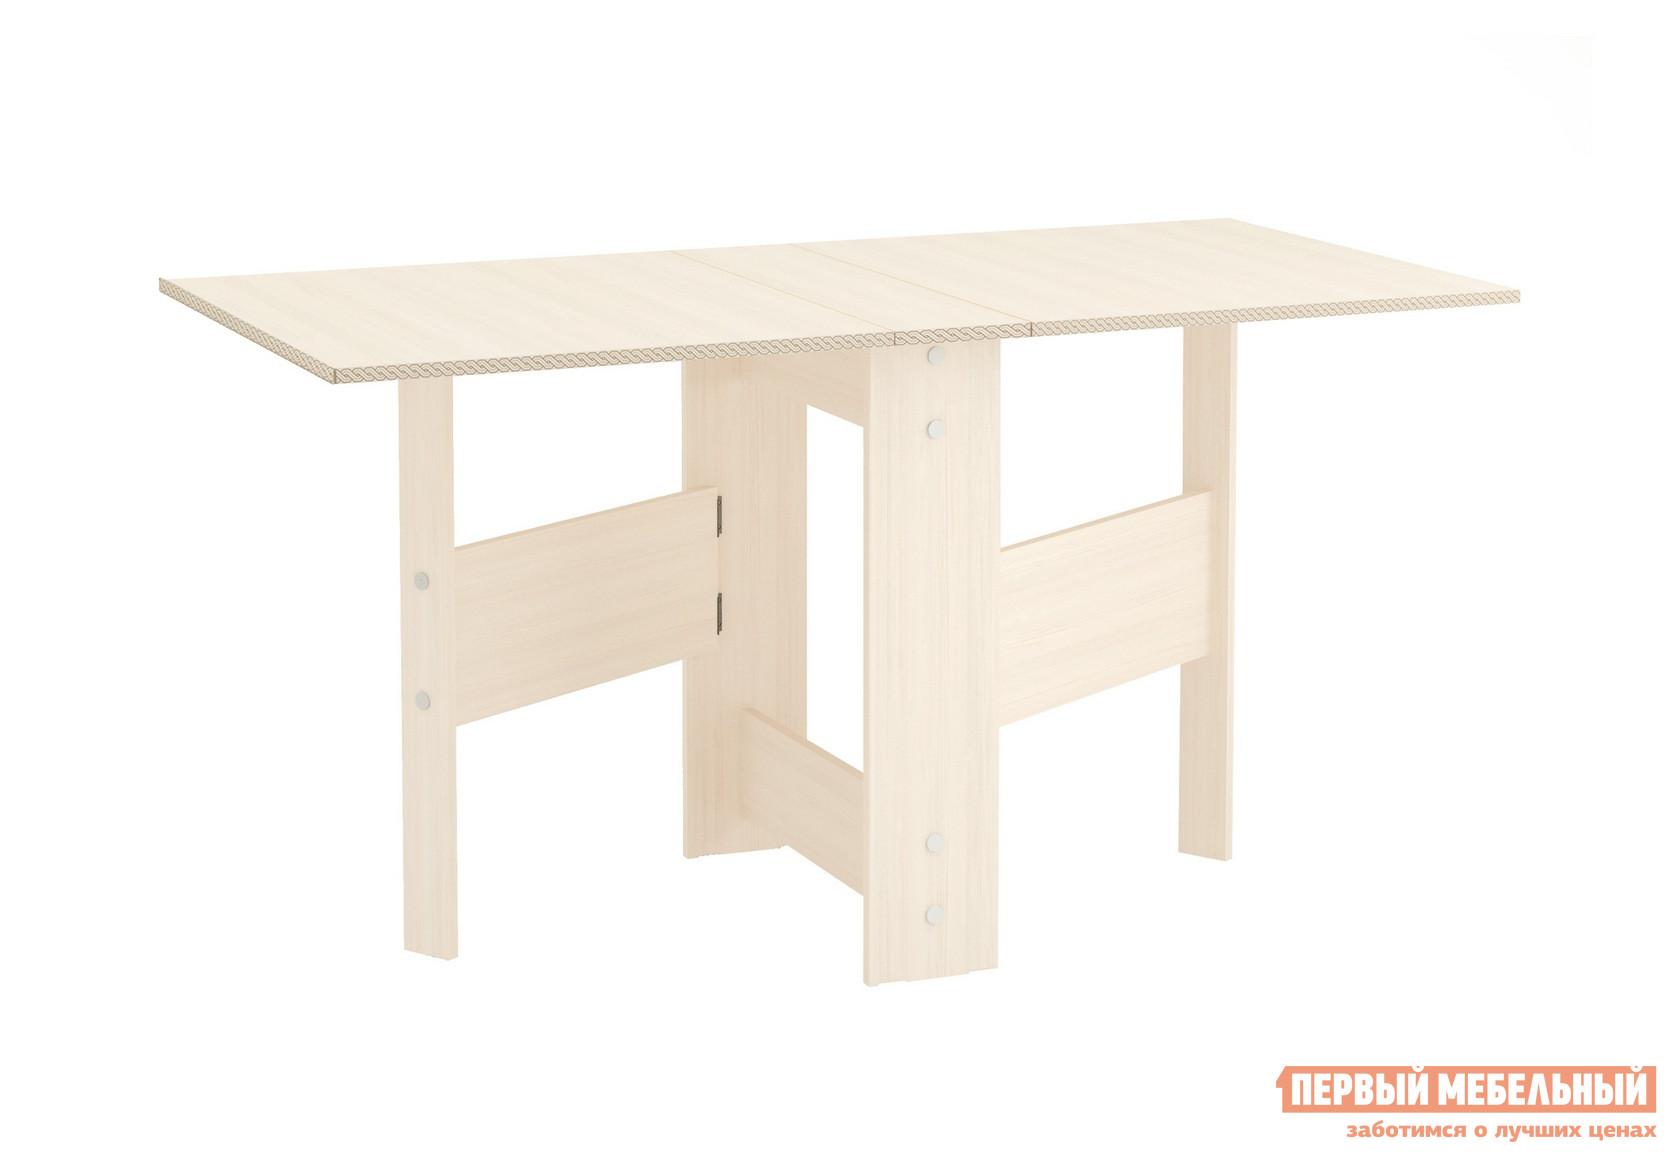 Стол Витра Колибри-15 Лайт Сосна Астрид от Купистол